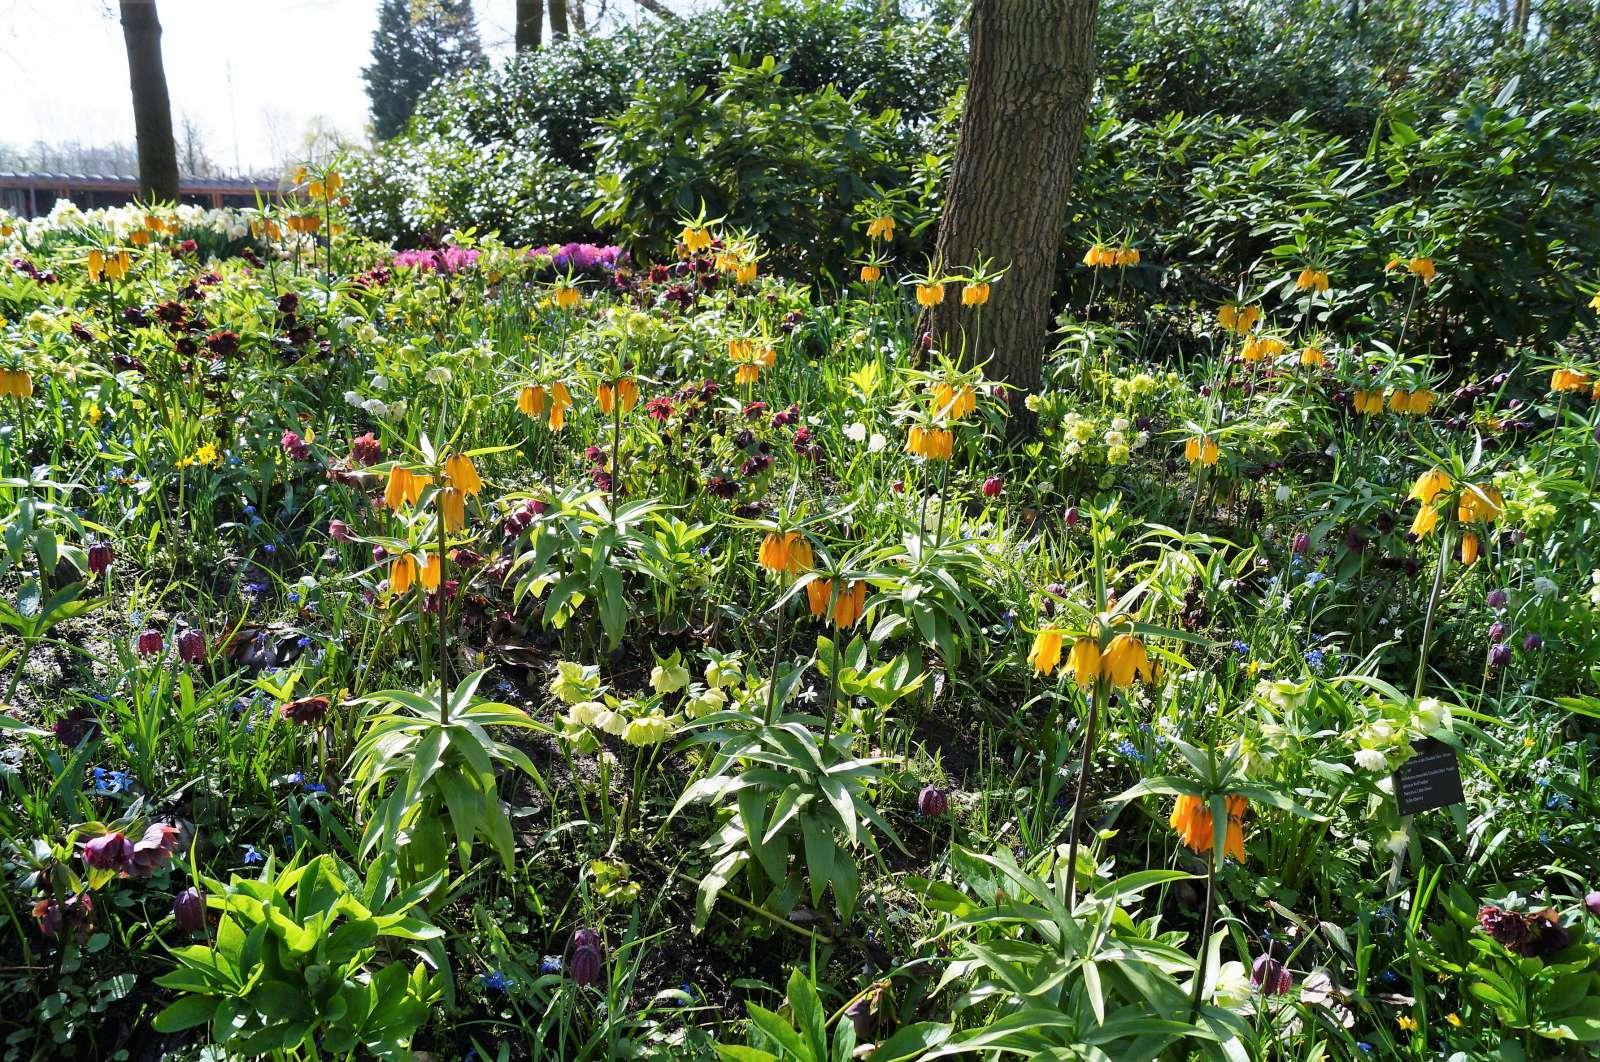 Wiosenna łąka Kwietna Z Kwiatów Cebulowych Część 1 Fajneogrodypl